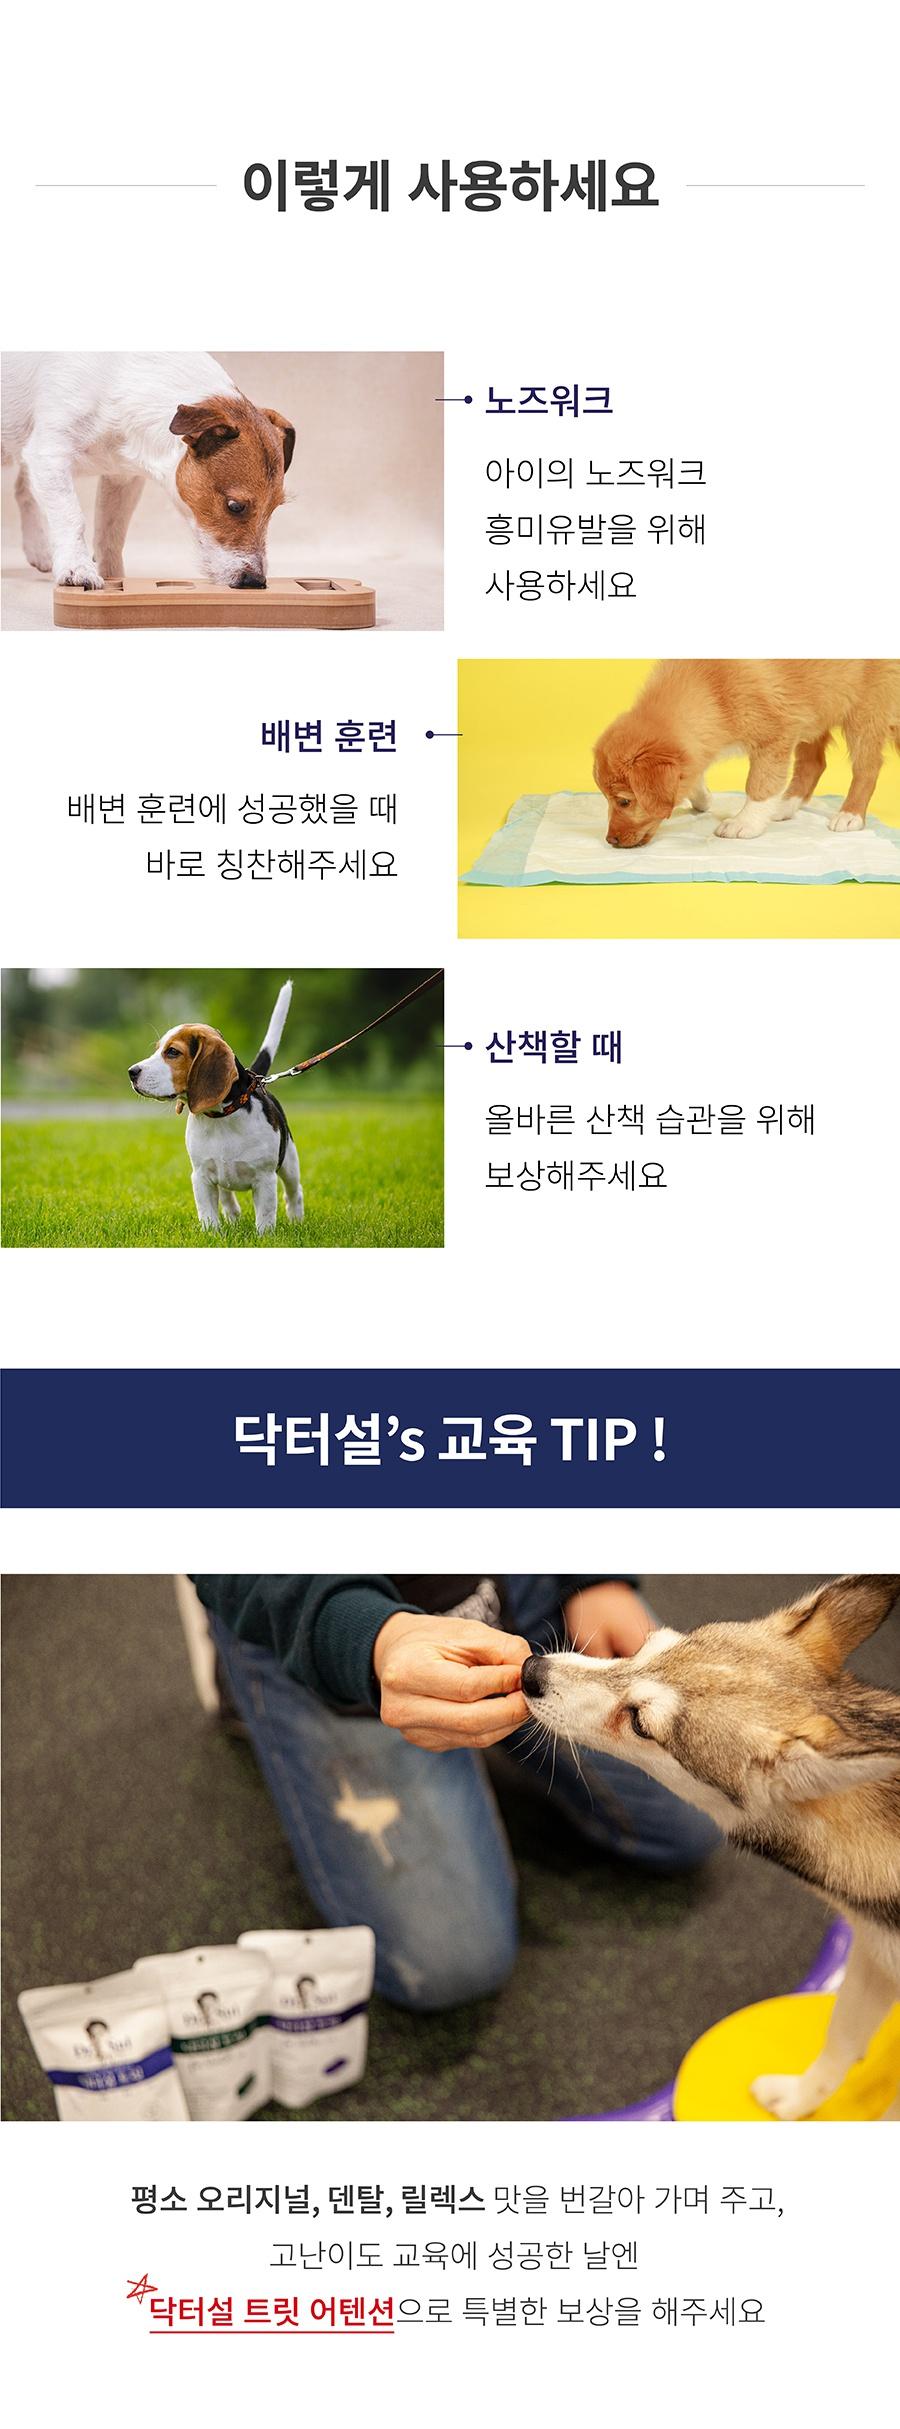 [오구오구특가]닥터설 트릿 오리지널 (6개세트)-상품이미지-7